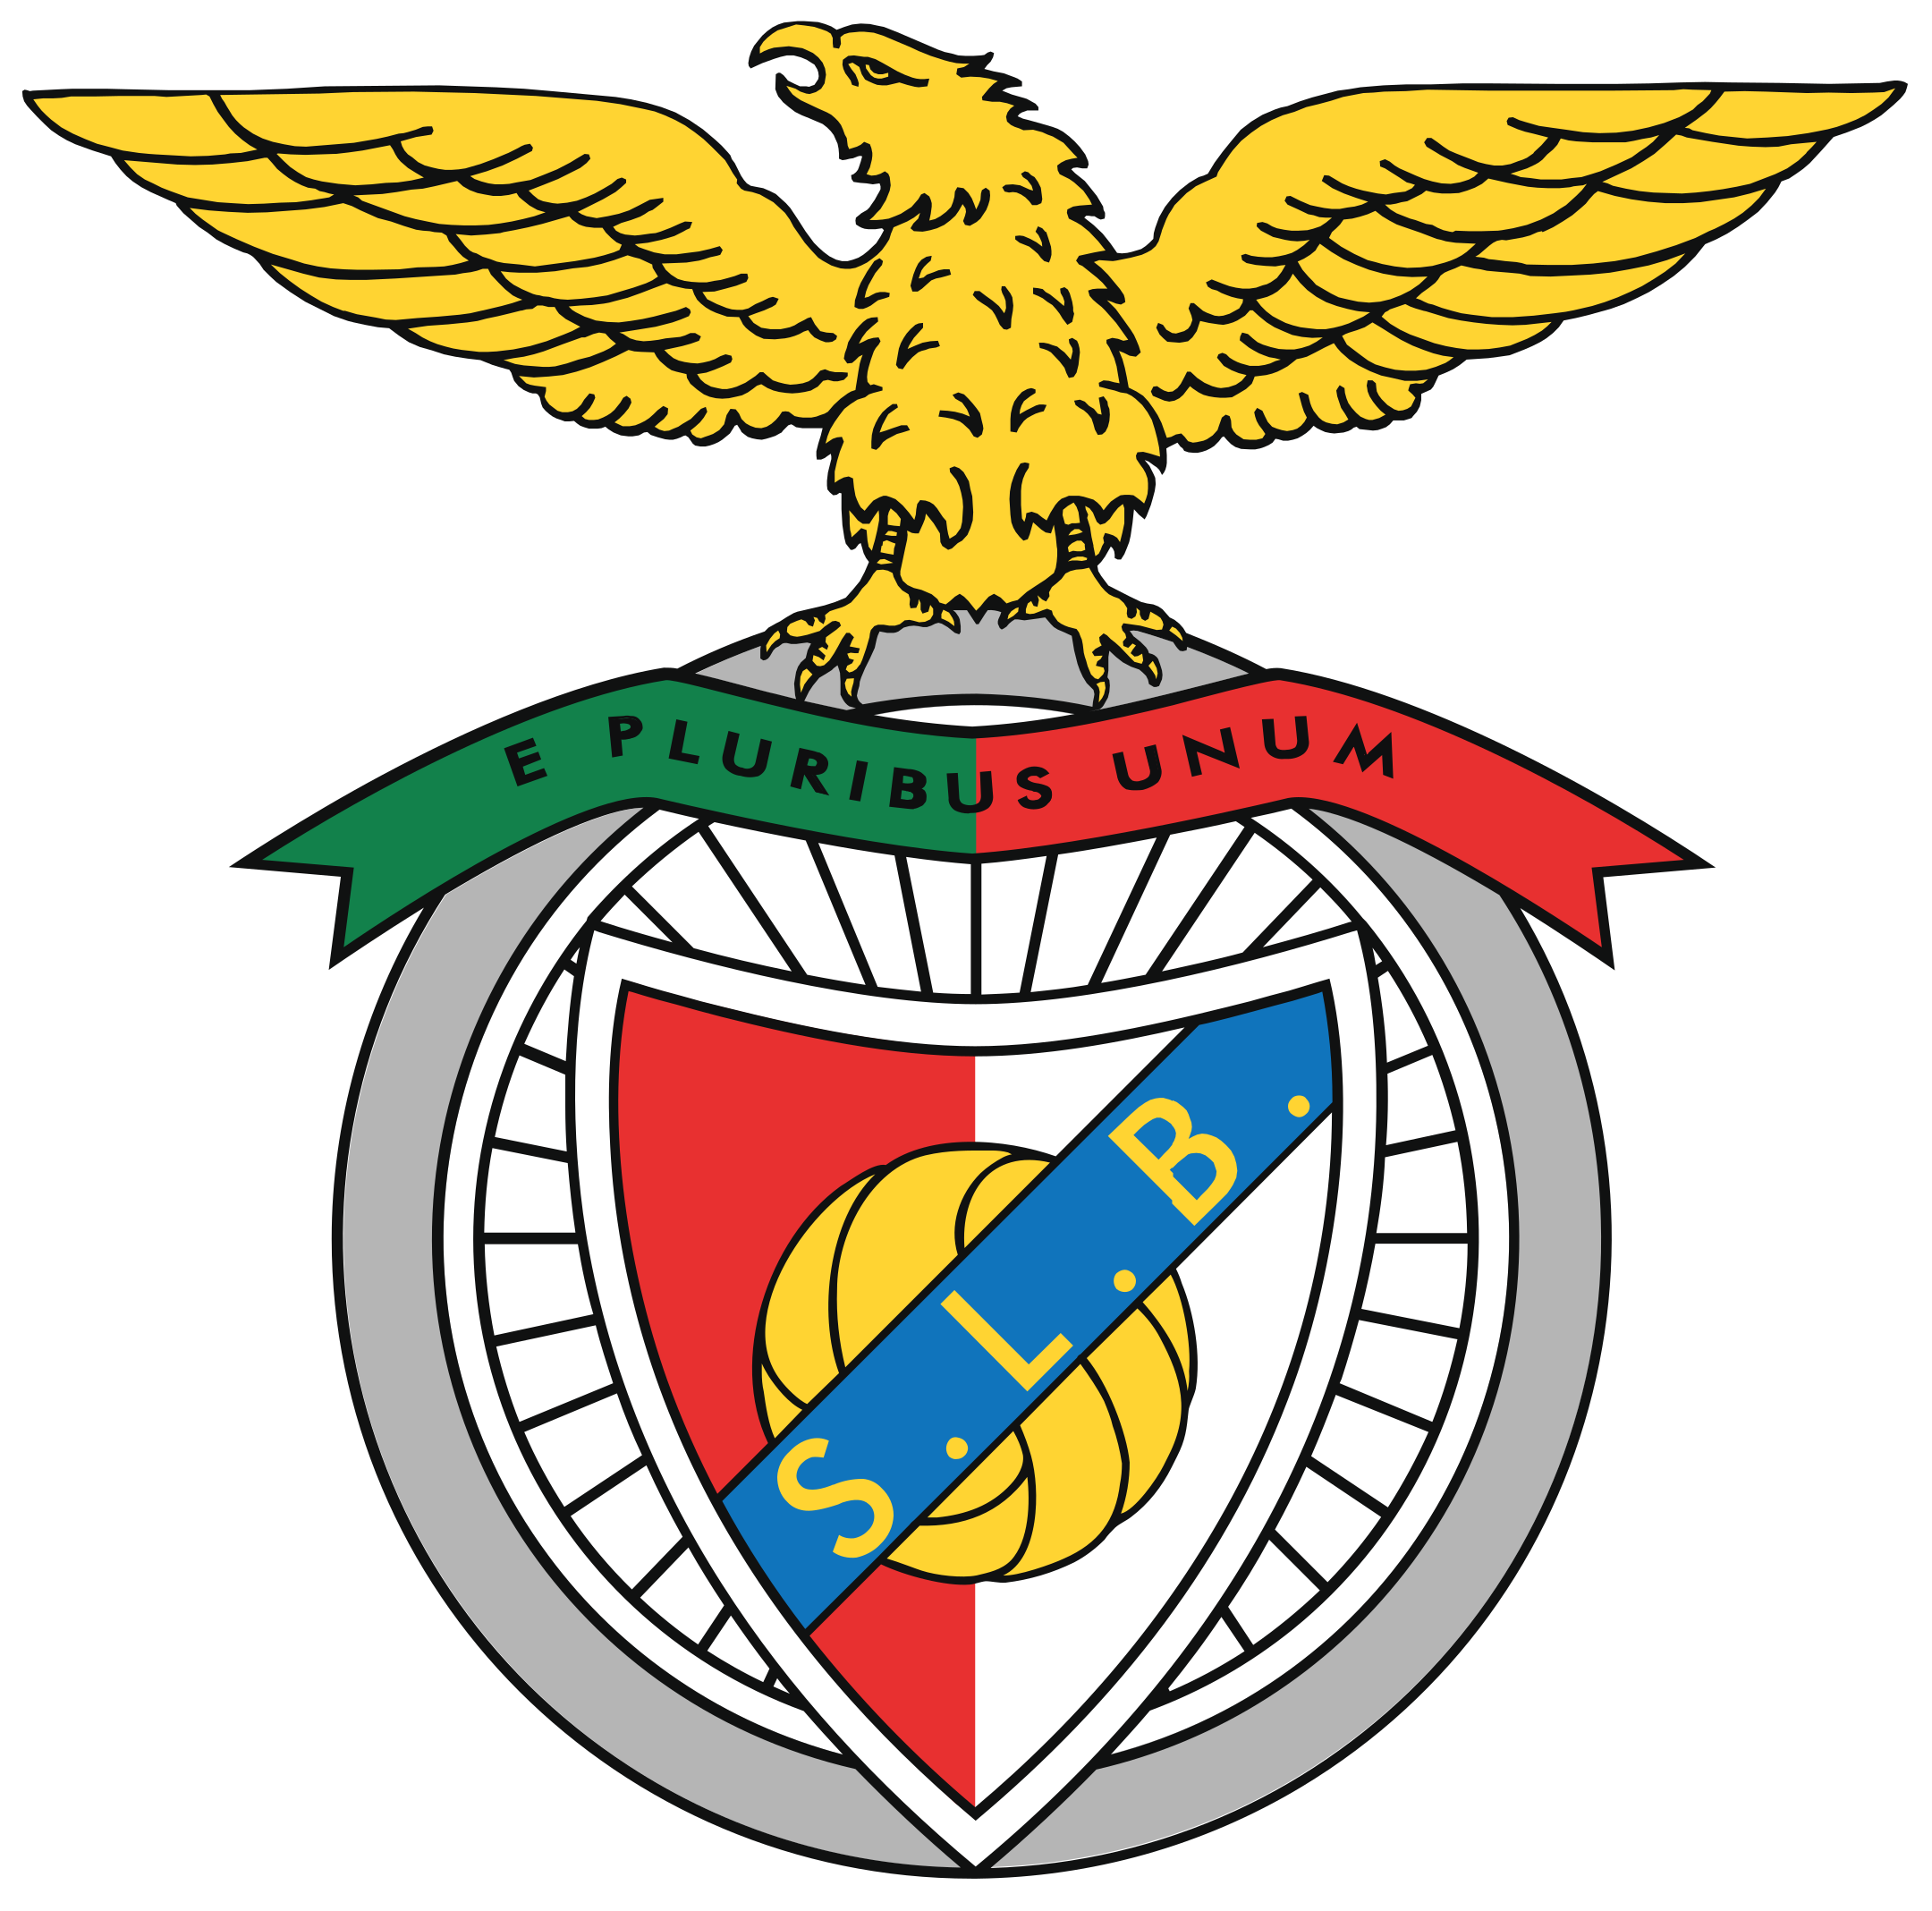 sl benfica logo 1 - SL Benfica Logo